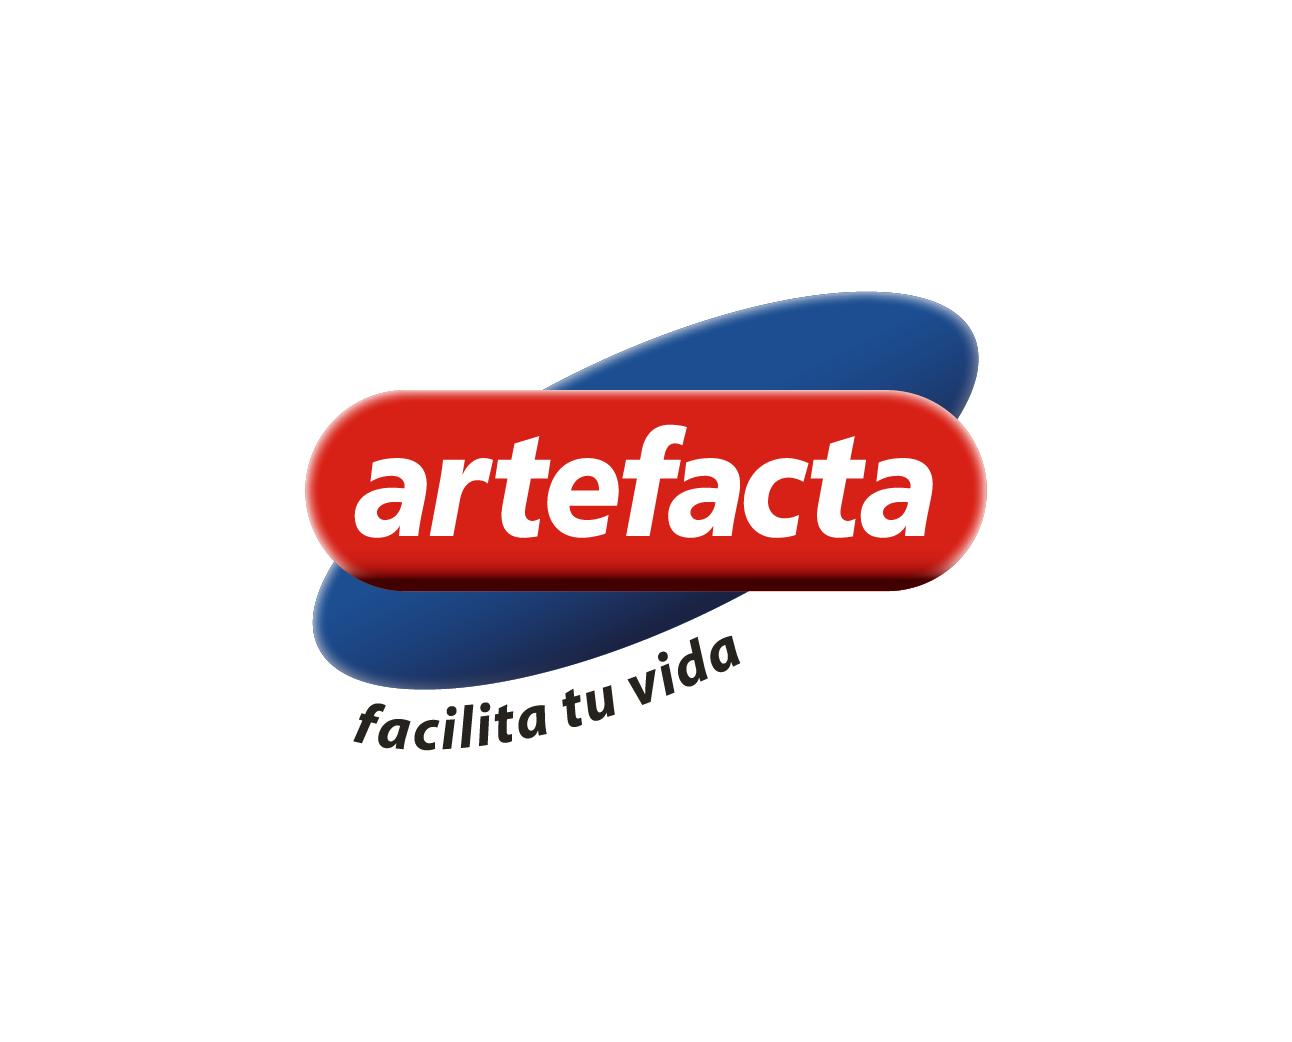 logos-bankard_logo_Artefacta